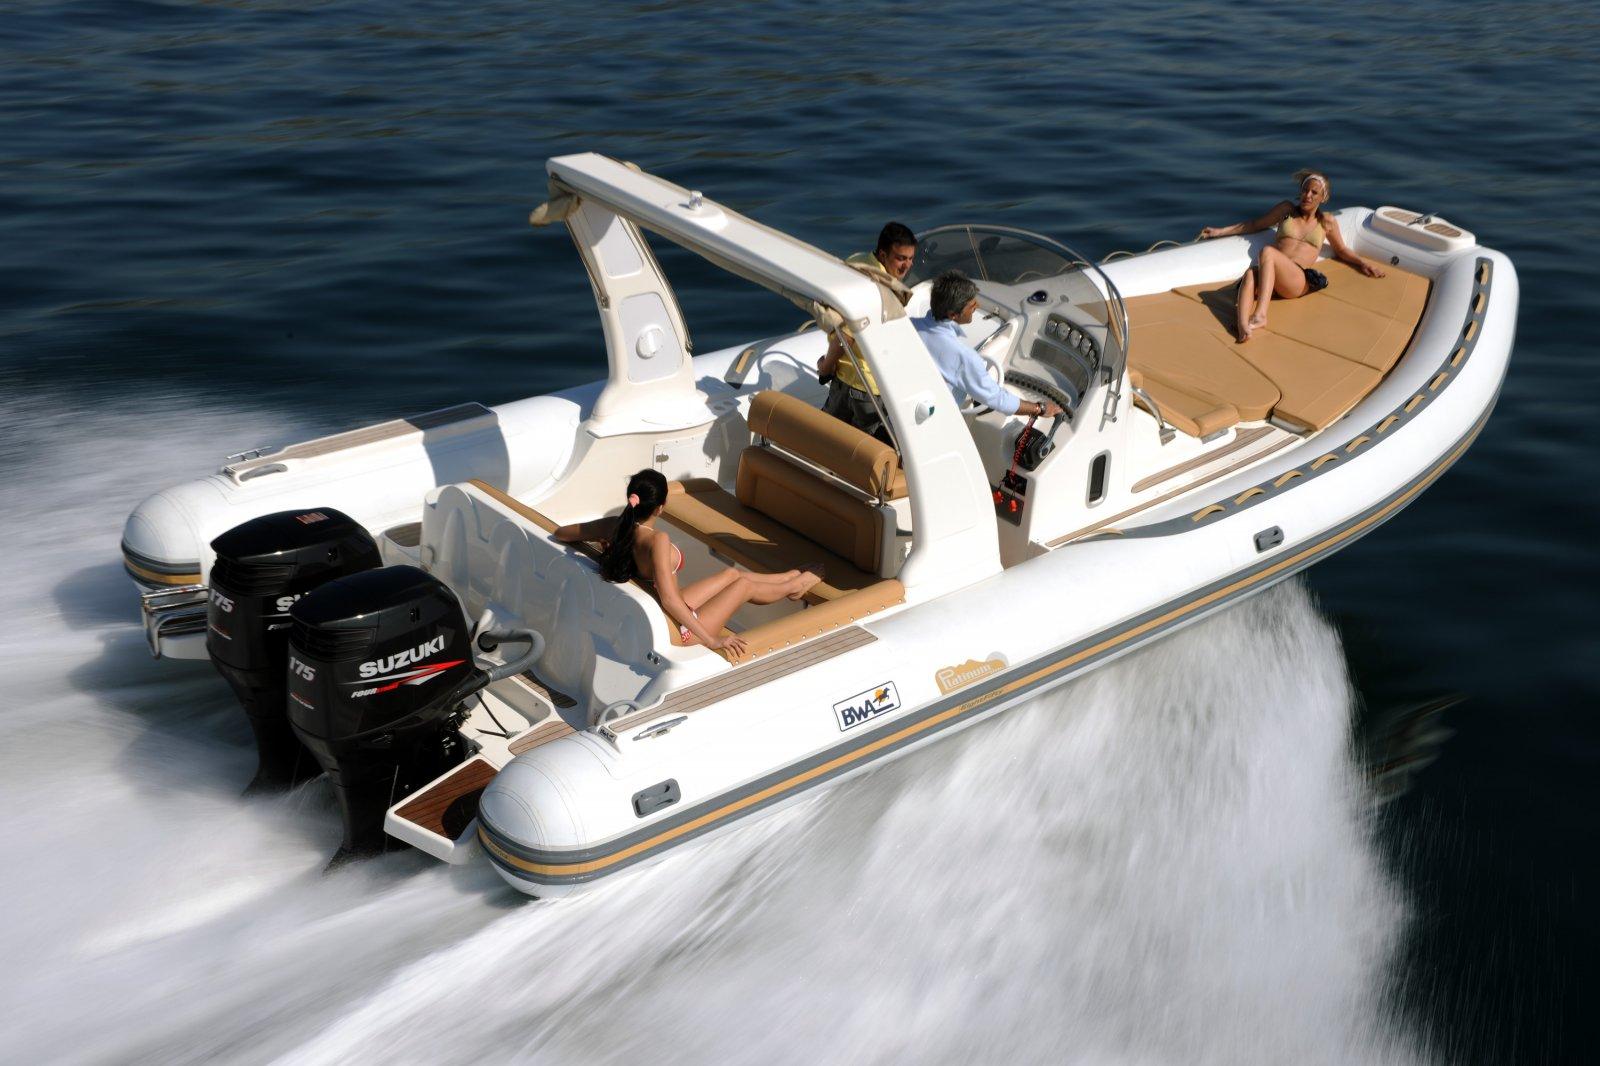 лодочный мотор suzuki ds-8a инструкция